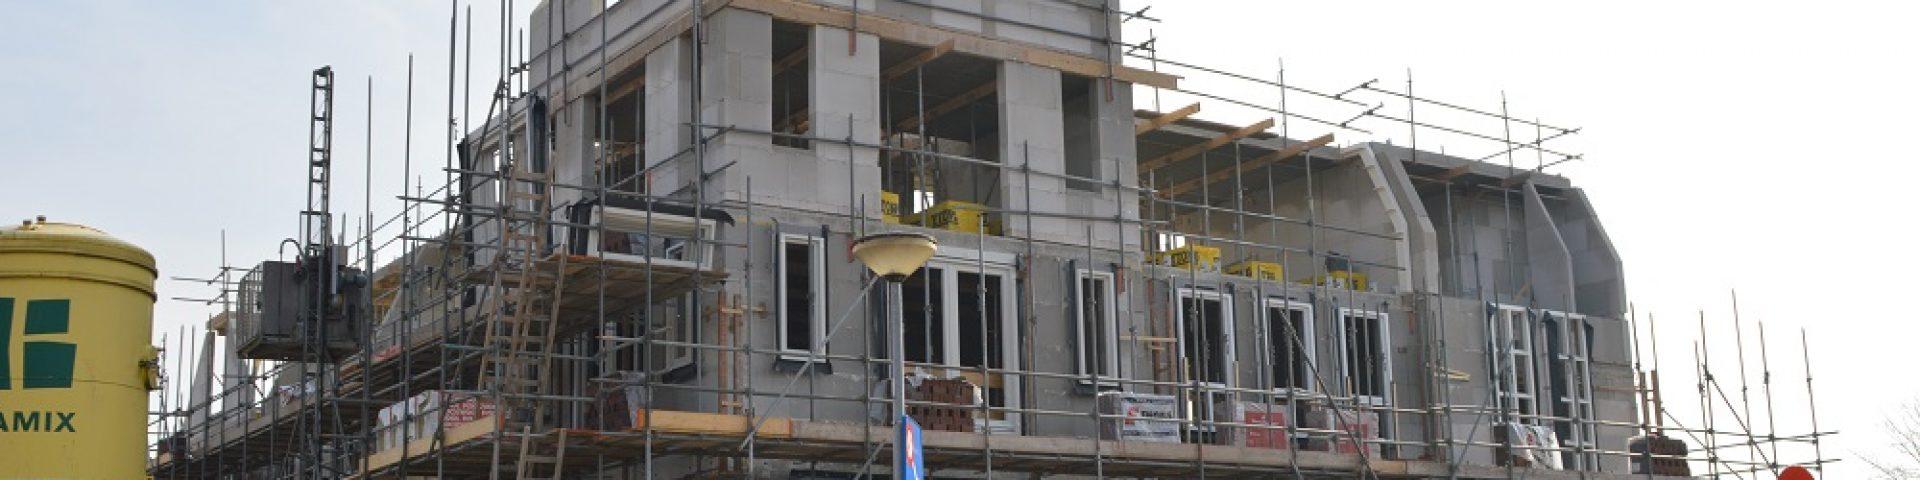 Basisprincipes energiezuinig bouwen van schijndel for Energiezuinig huis bouwen